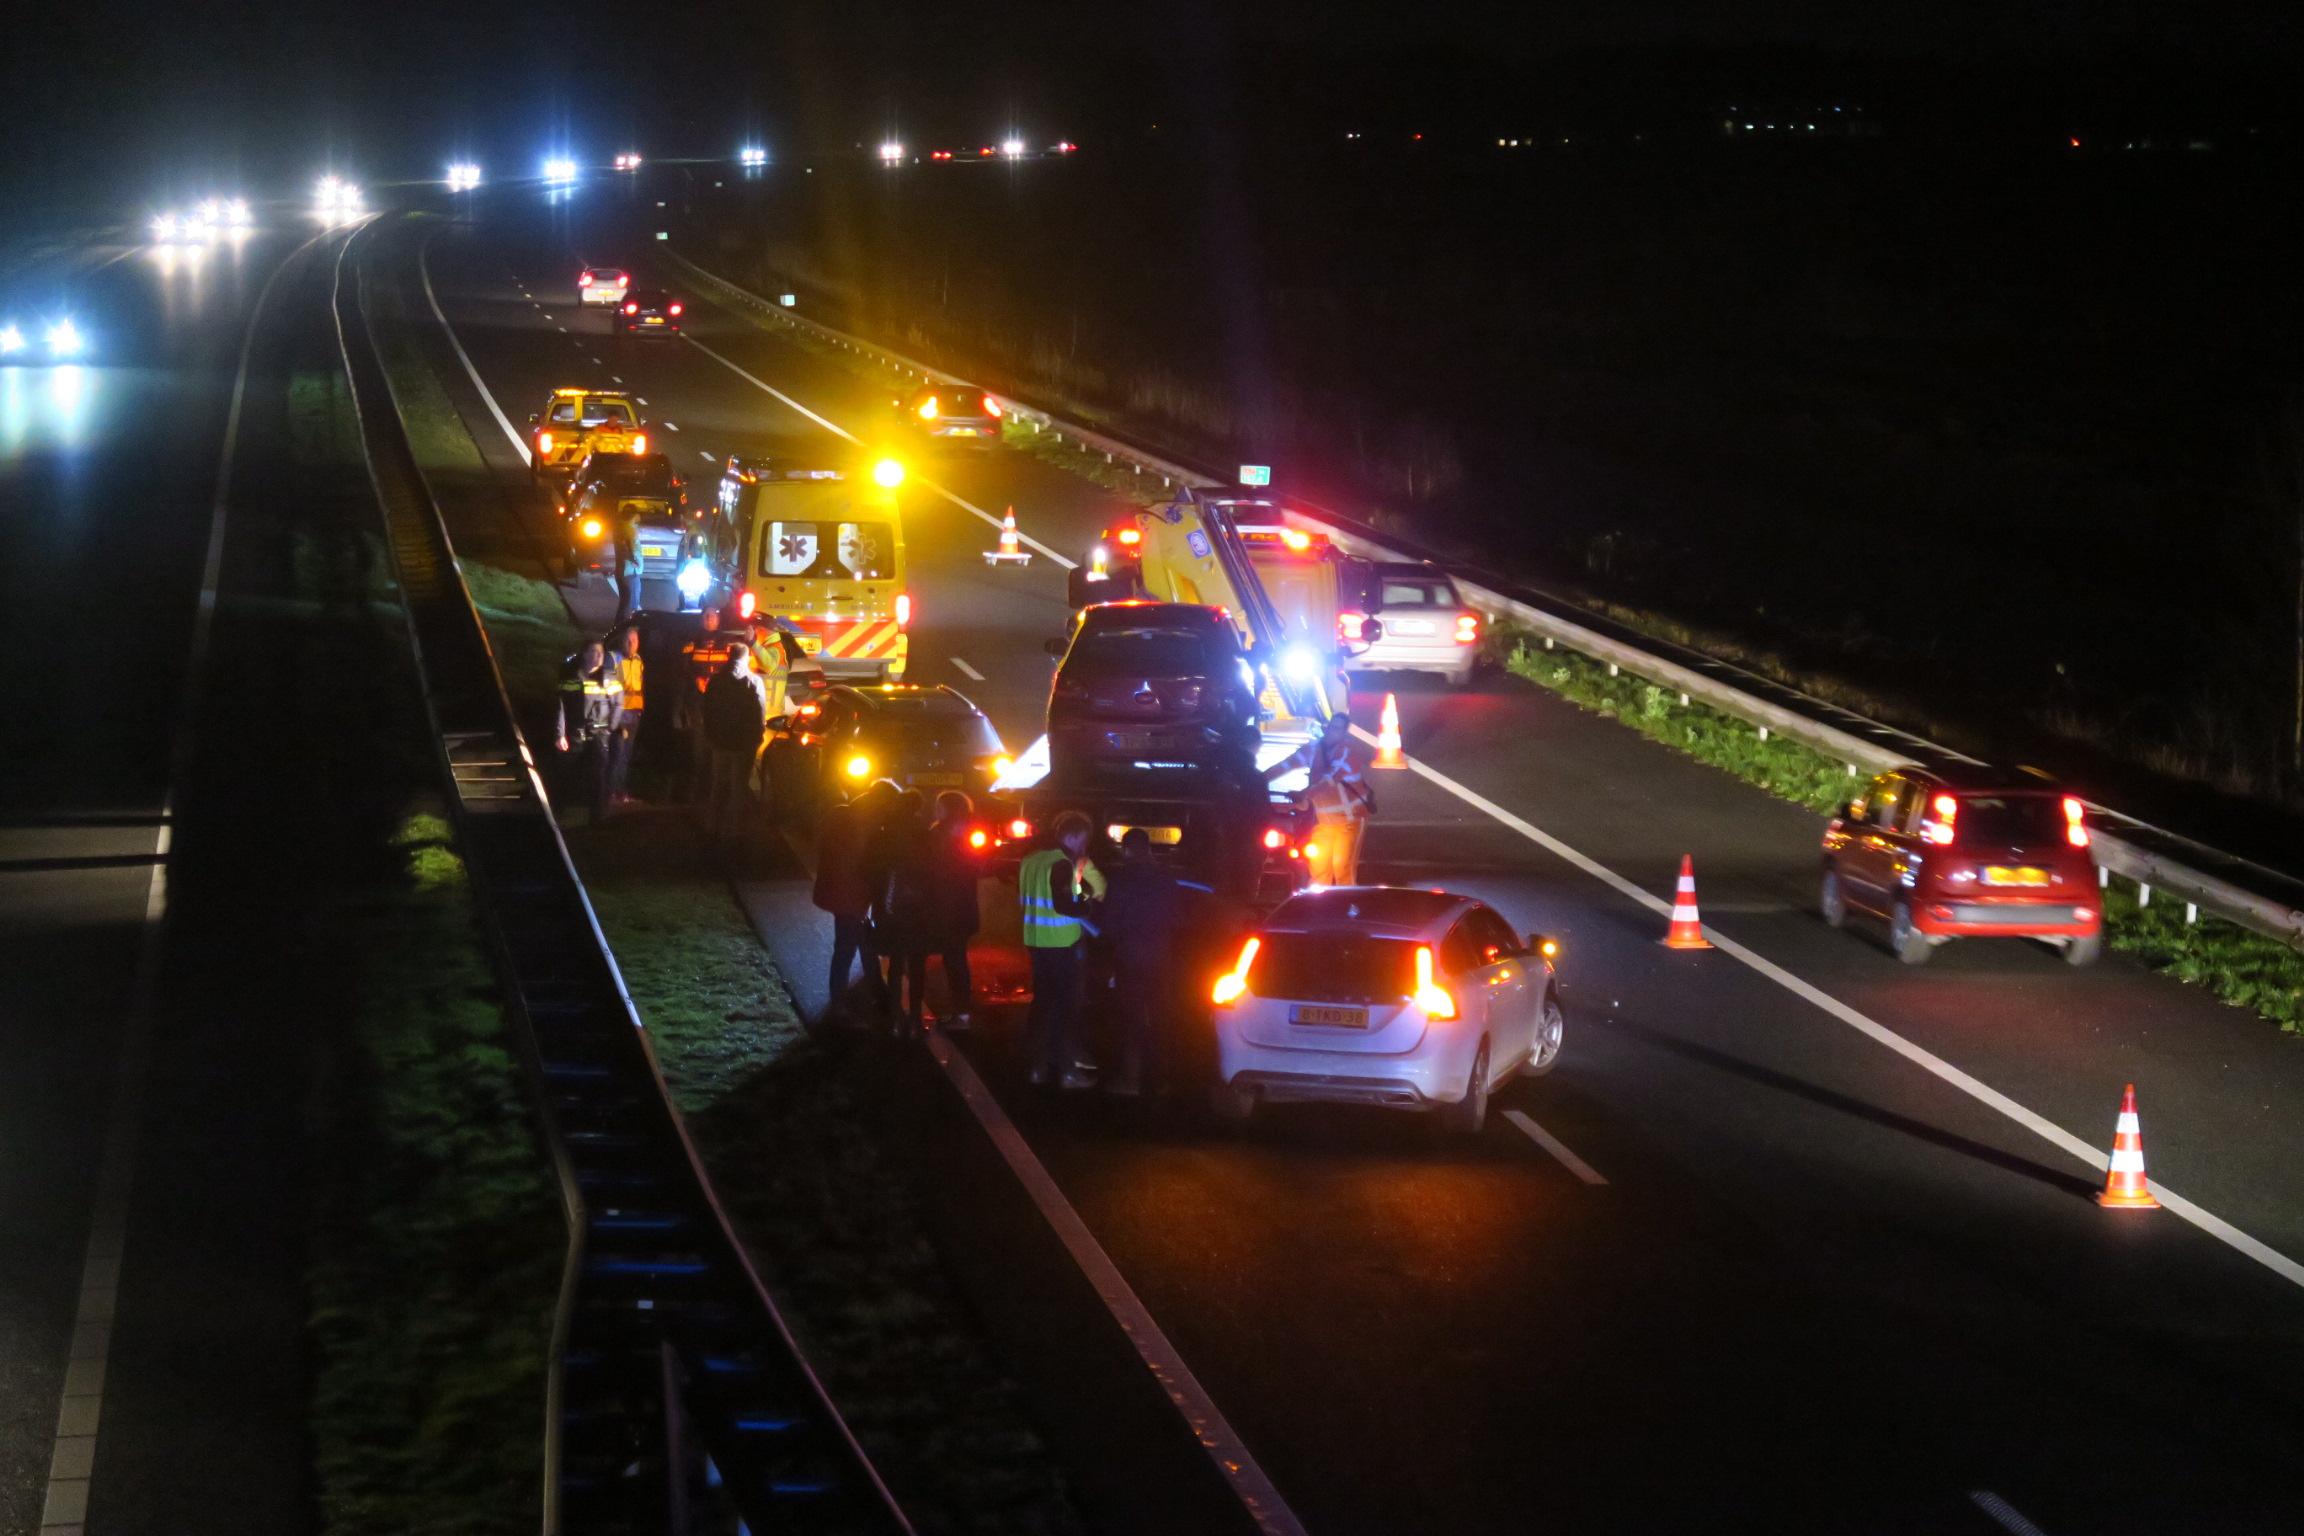 Vier voertuigen met elkaar in botsing op de A7 Bij Drachstercopanie